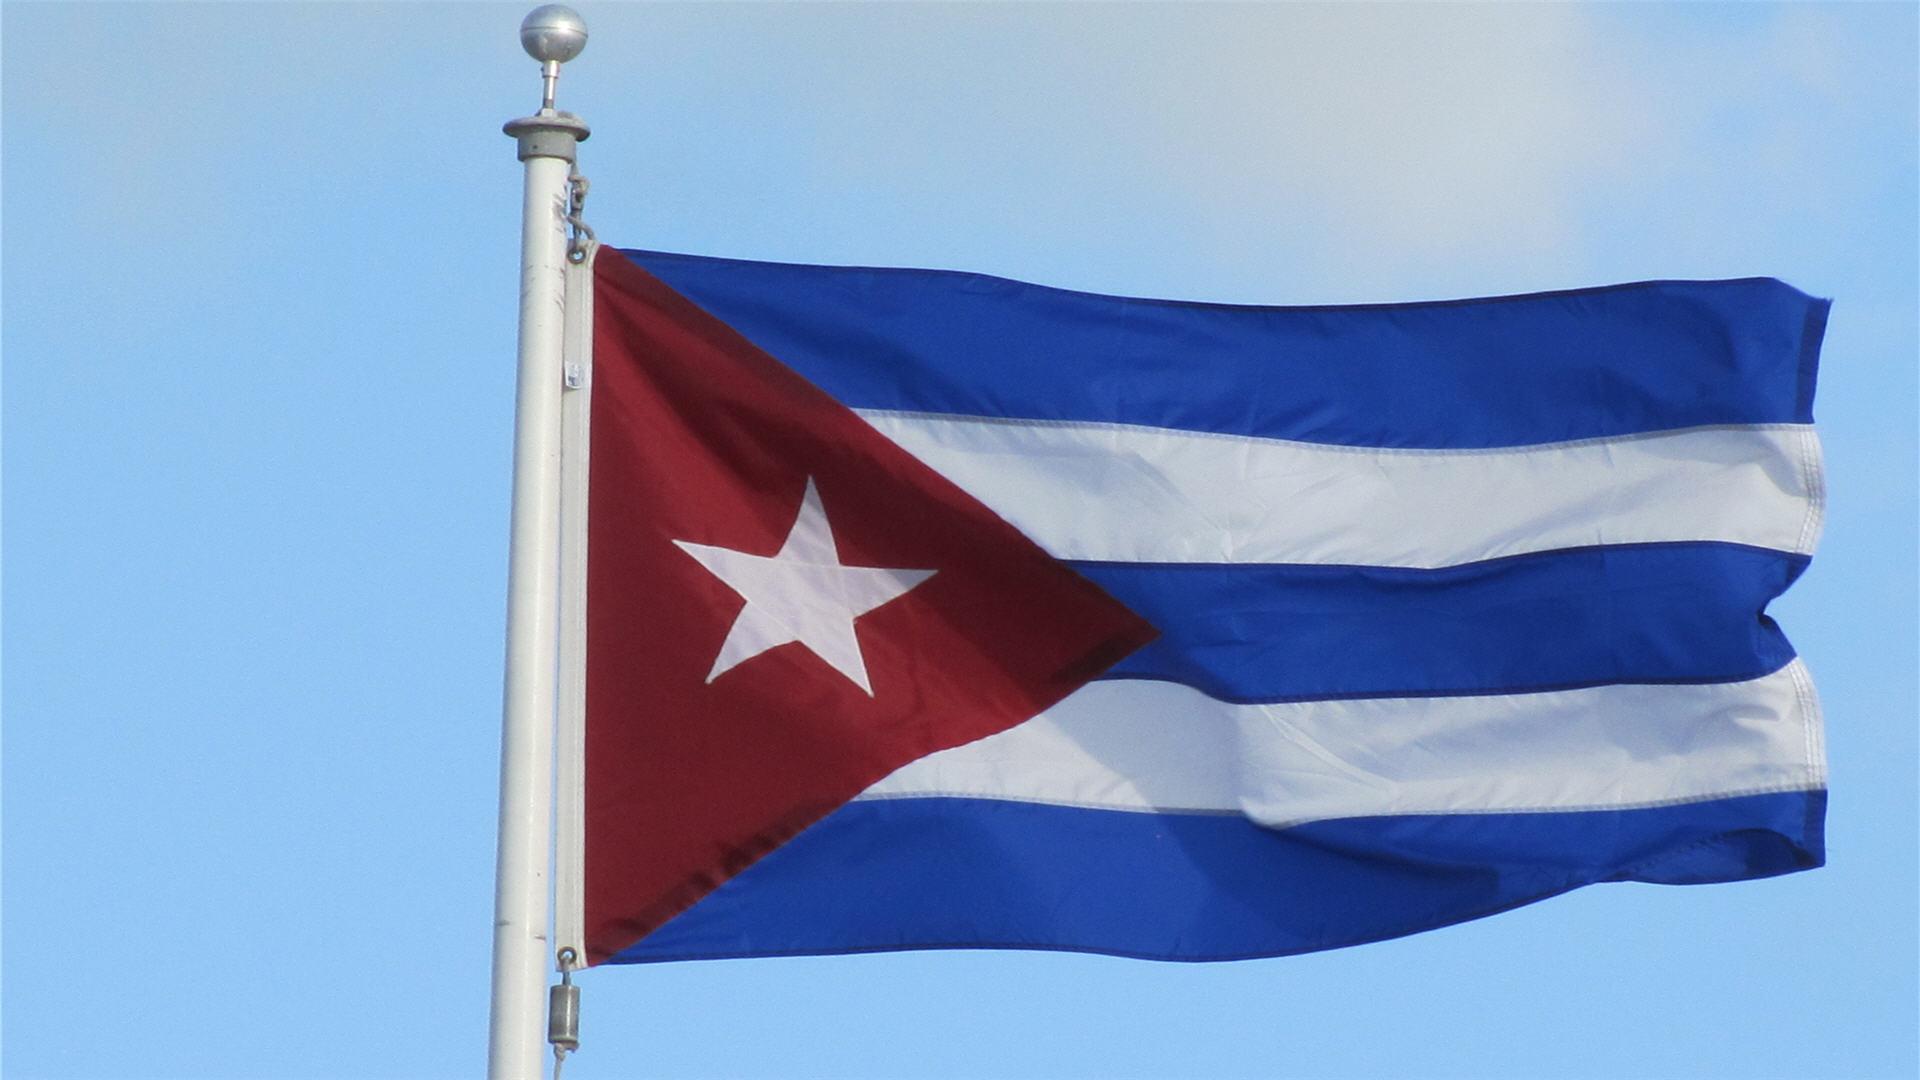 Cuba Flag Download Wallpaper HD 1920x1080 6331 1920x1080